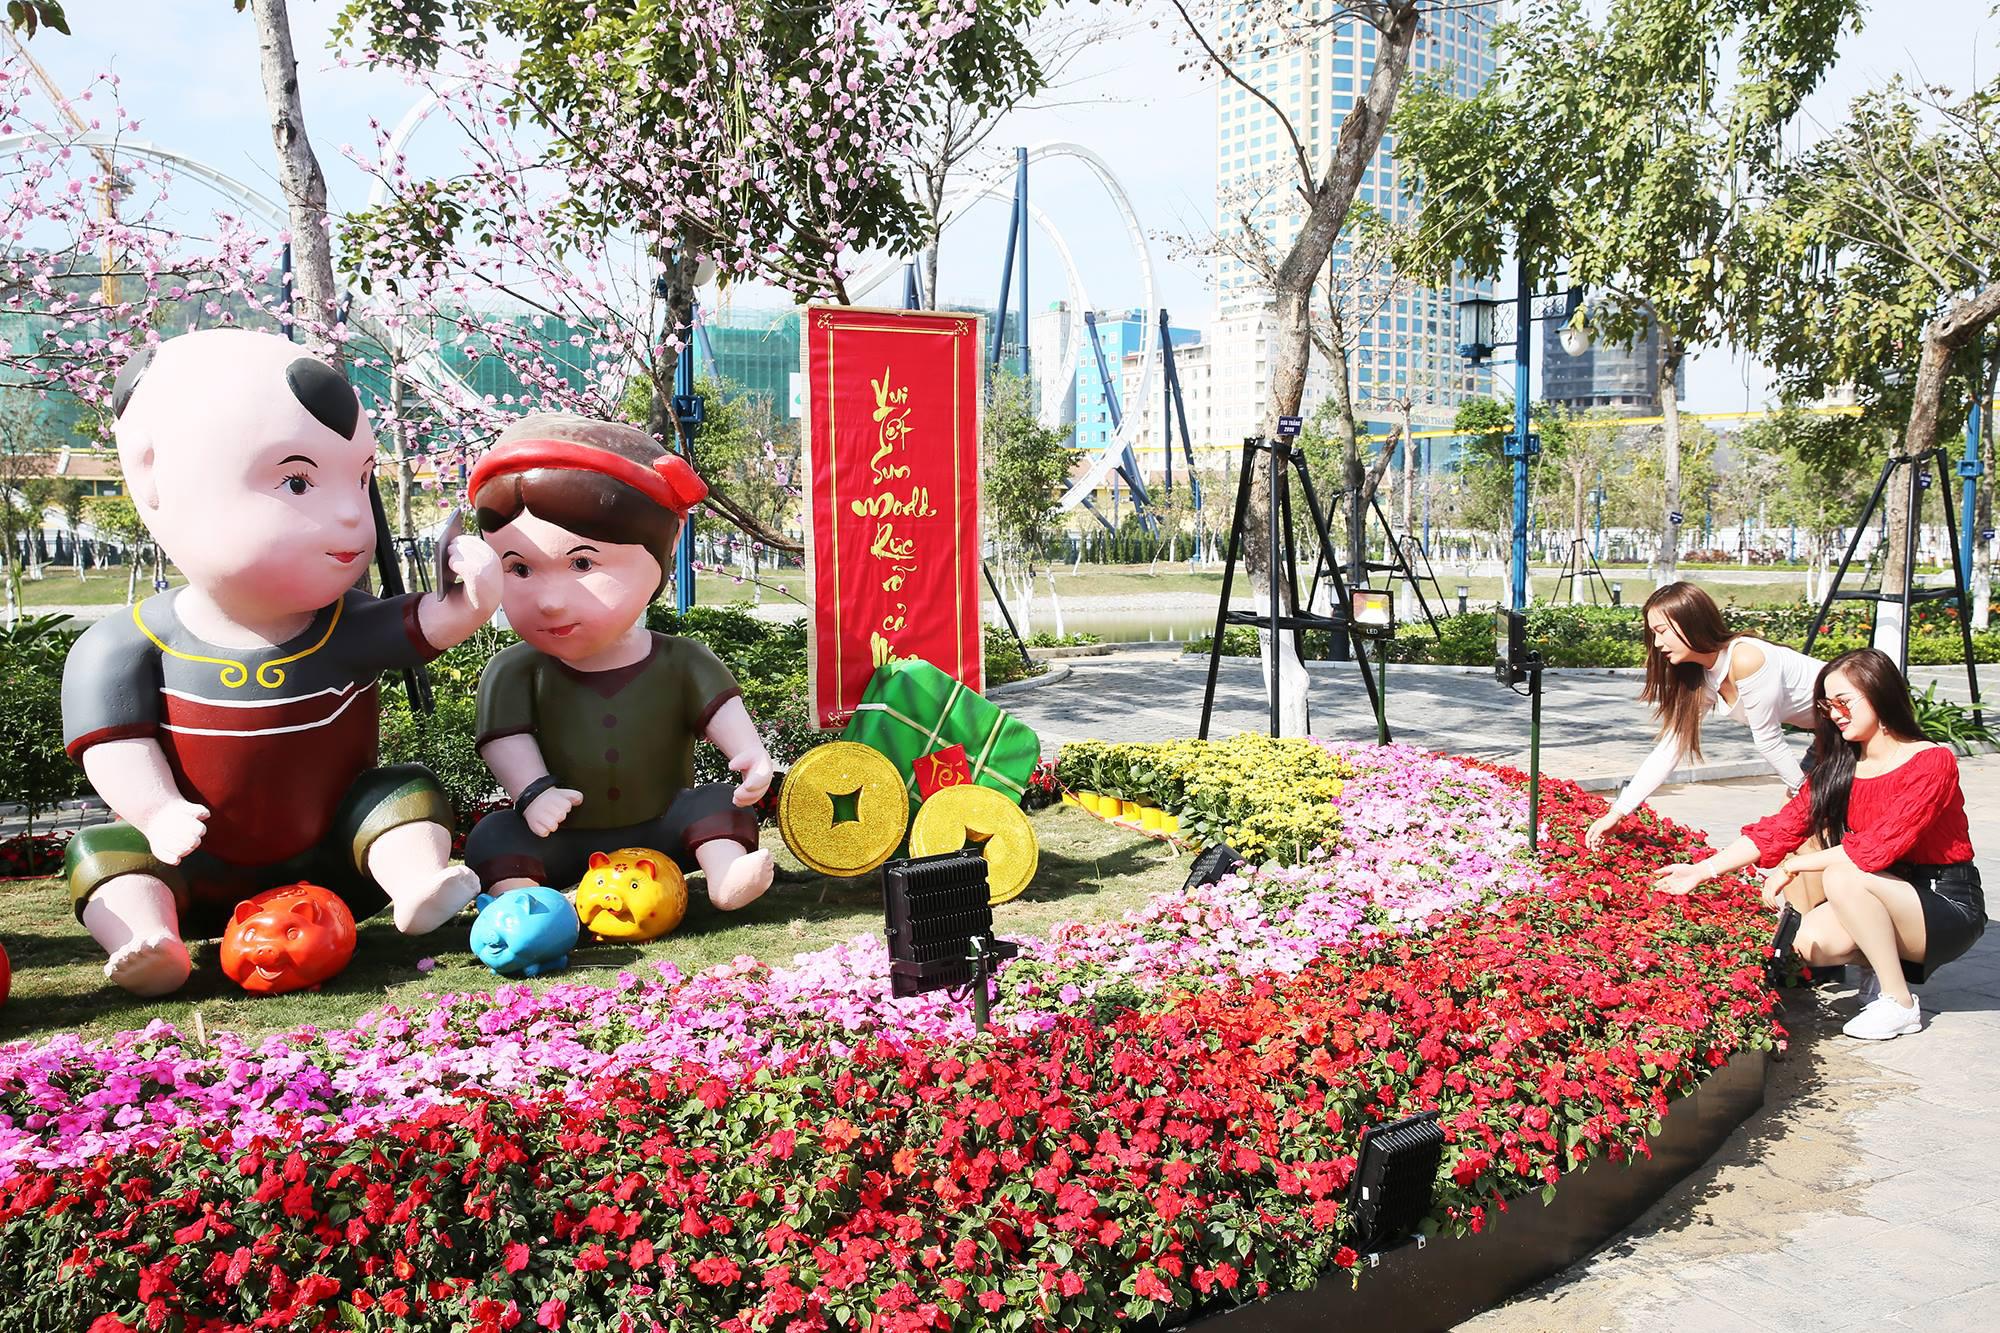 Tưng bừng đón Tết với nhiều chương trình đặc sắc tại Sun World Halong Complex - Ảnh 2.